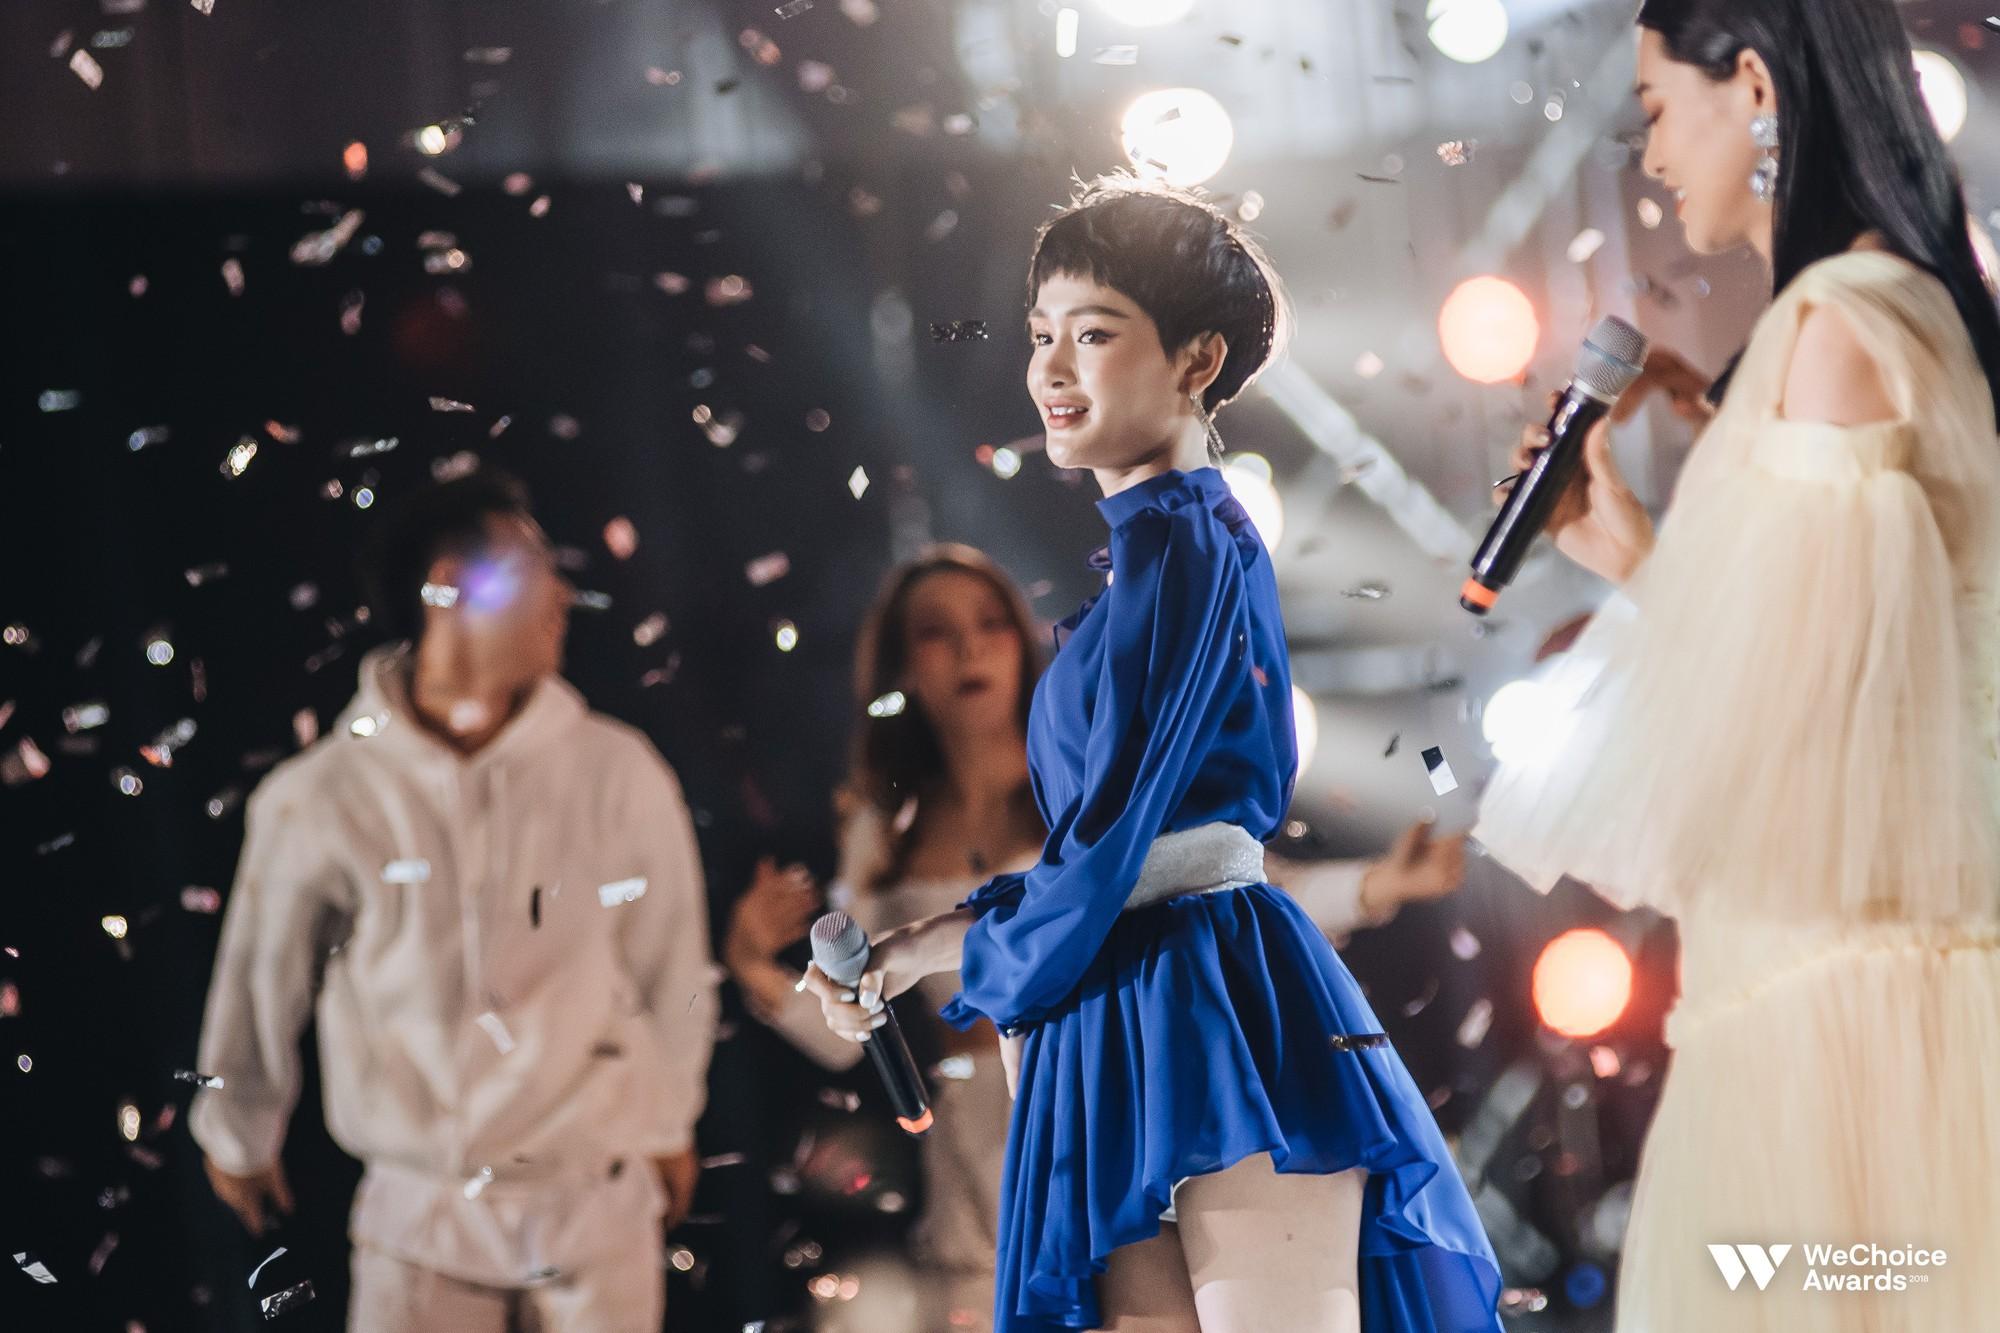 Gala WeChoice Awards 2018: Một đêm văn minh của niềm cảm hứng đẹp đẽ và những khán giả dõi theo đến tận phút cuối cùng - Ảnh 10.